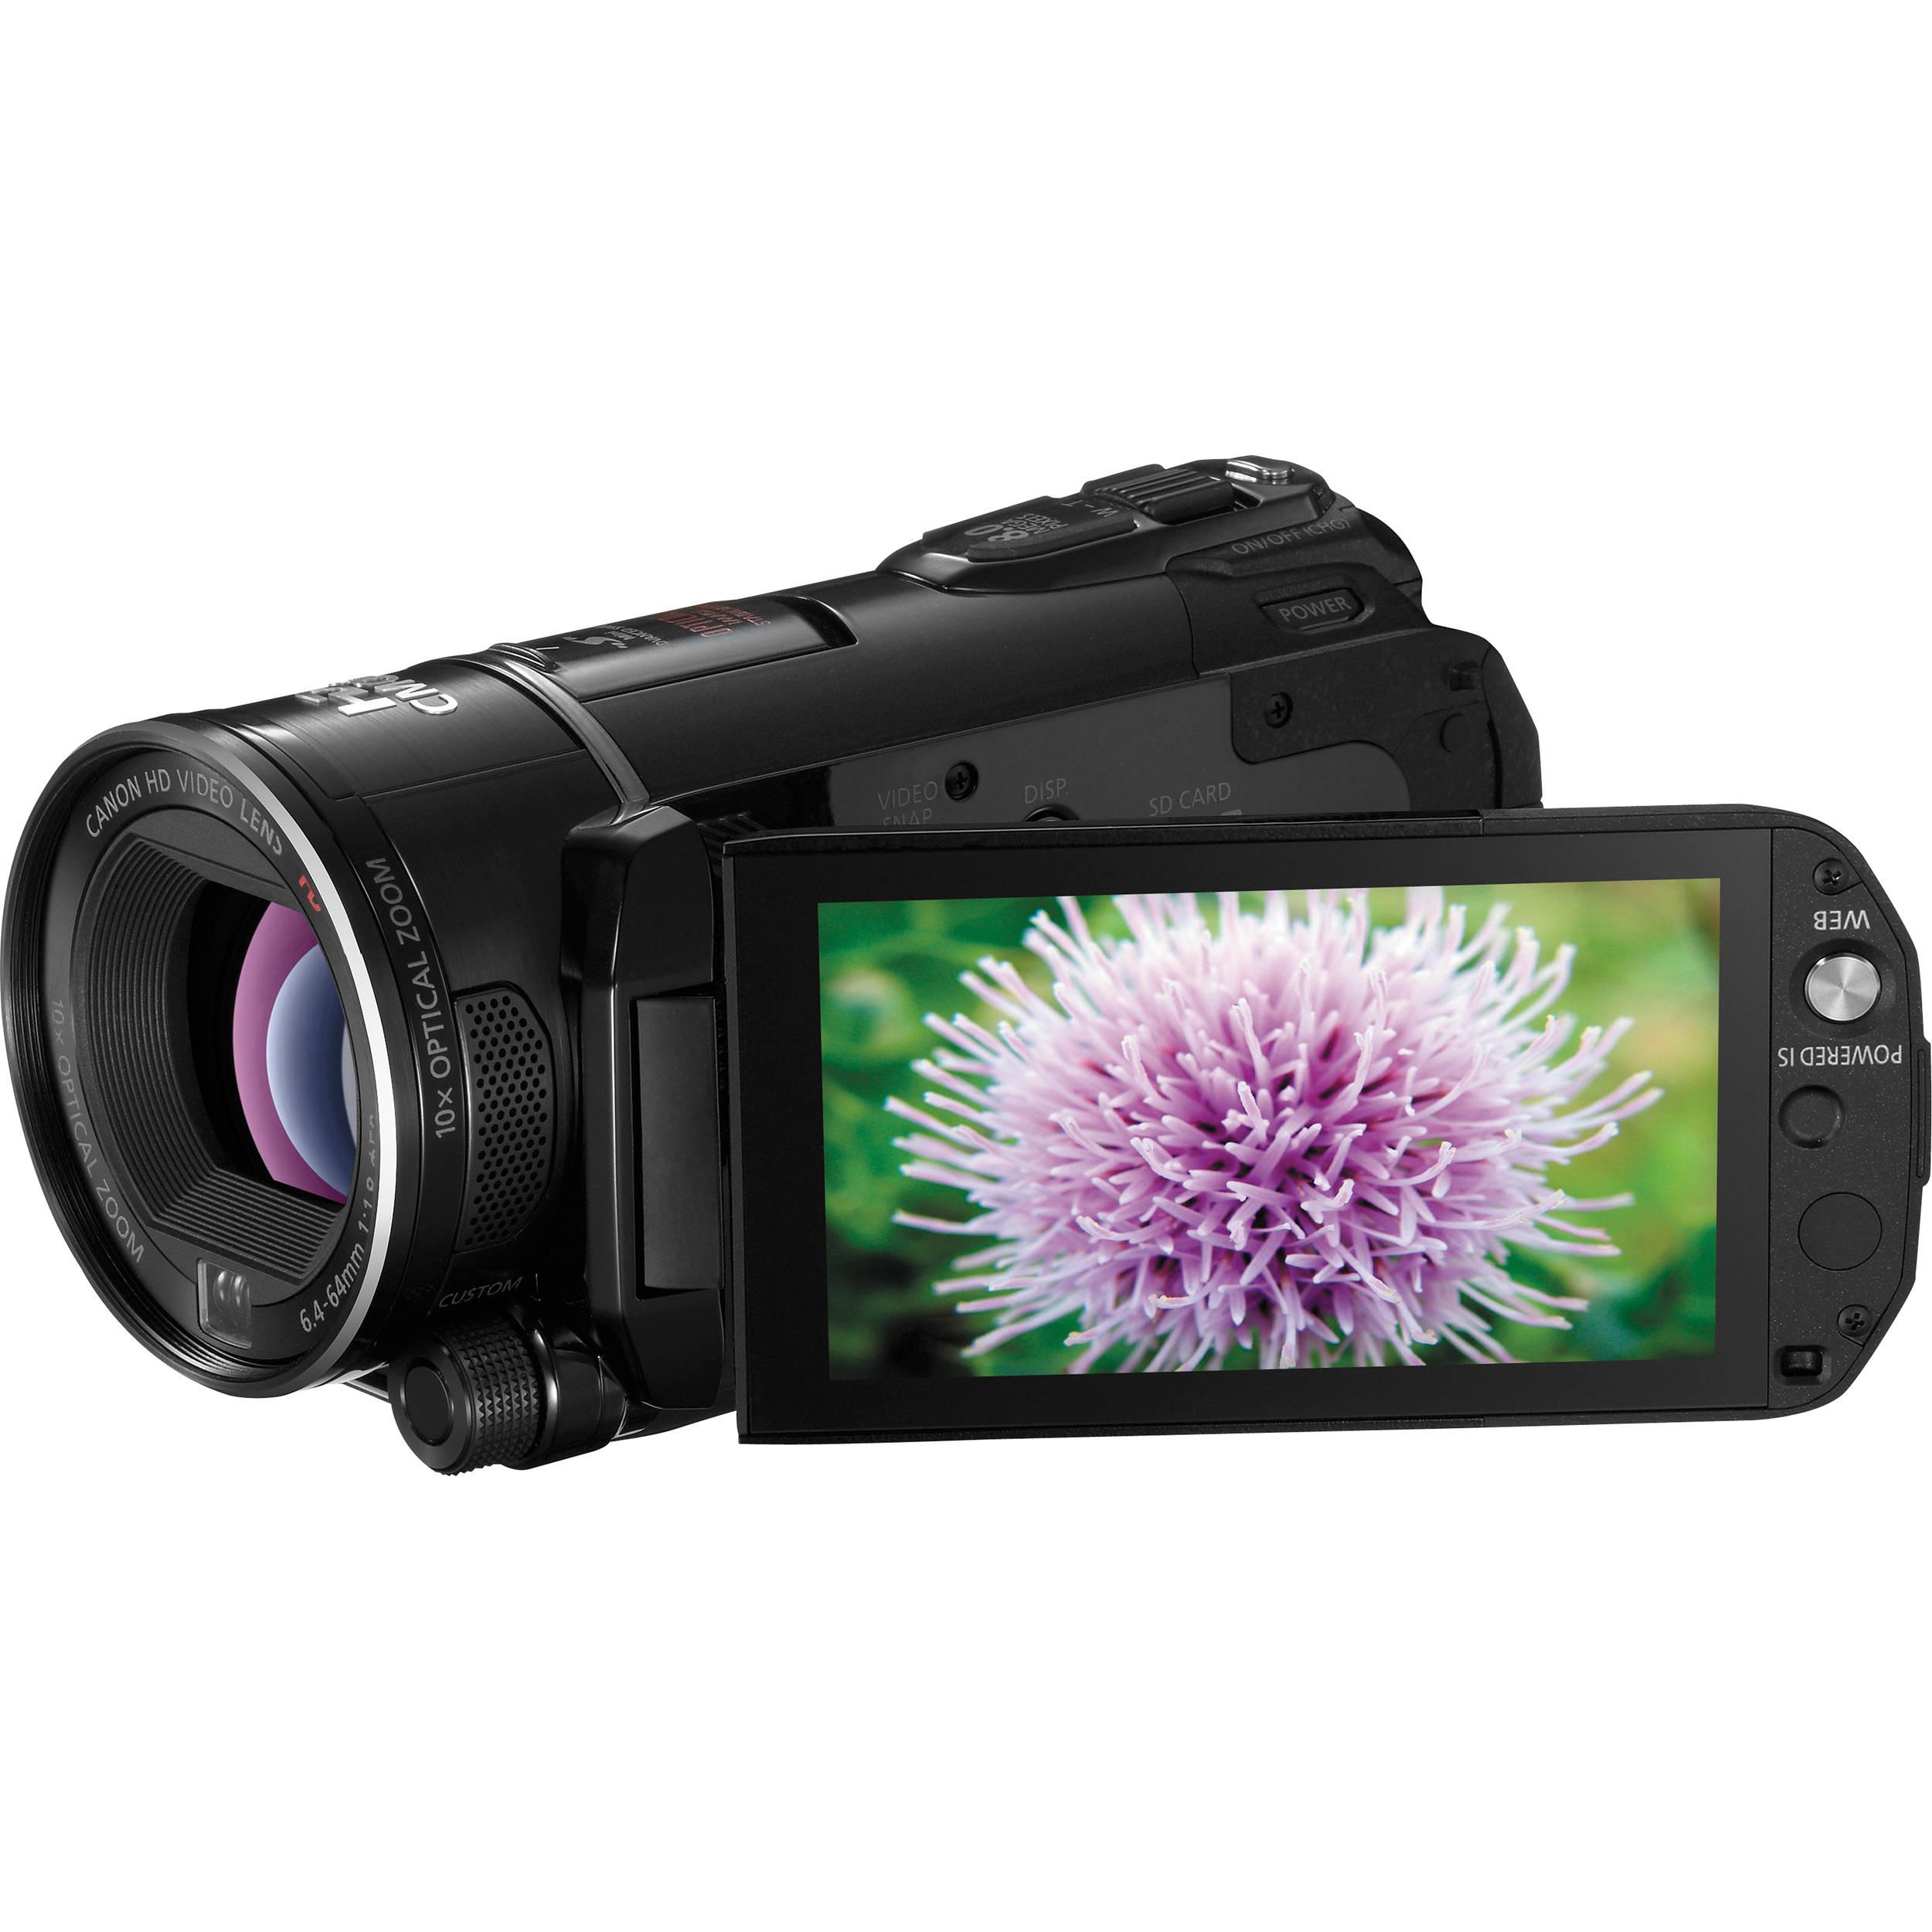 Kamera Slider - Reibungslose Schienenfahrten mit der mobilen Kamera!